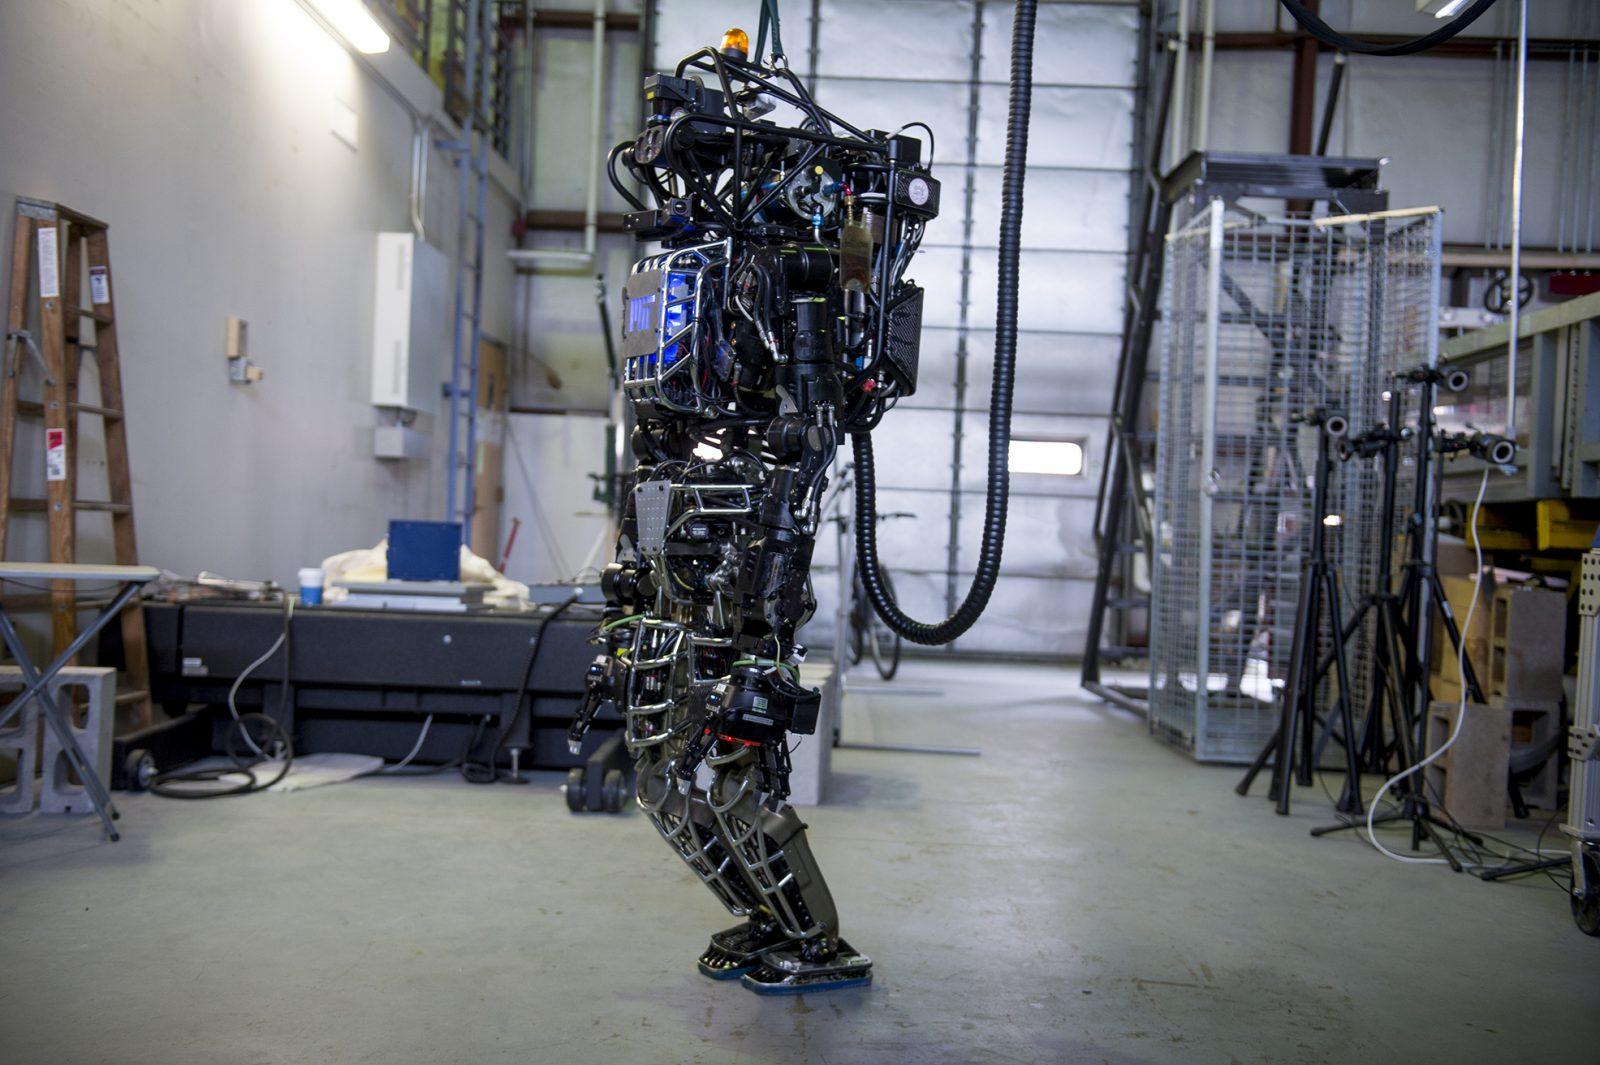 Дождемся ли мы серийного производства гуманоидных роботов? - 6